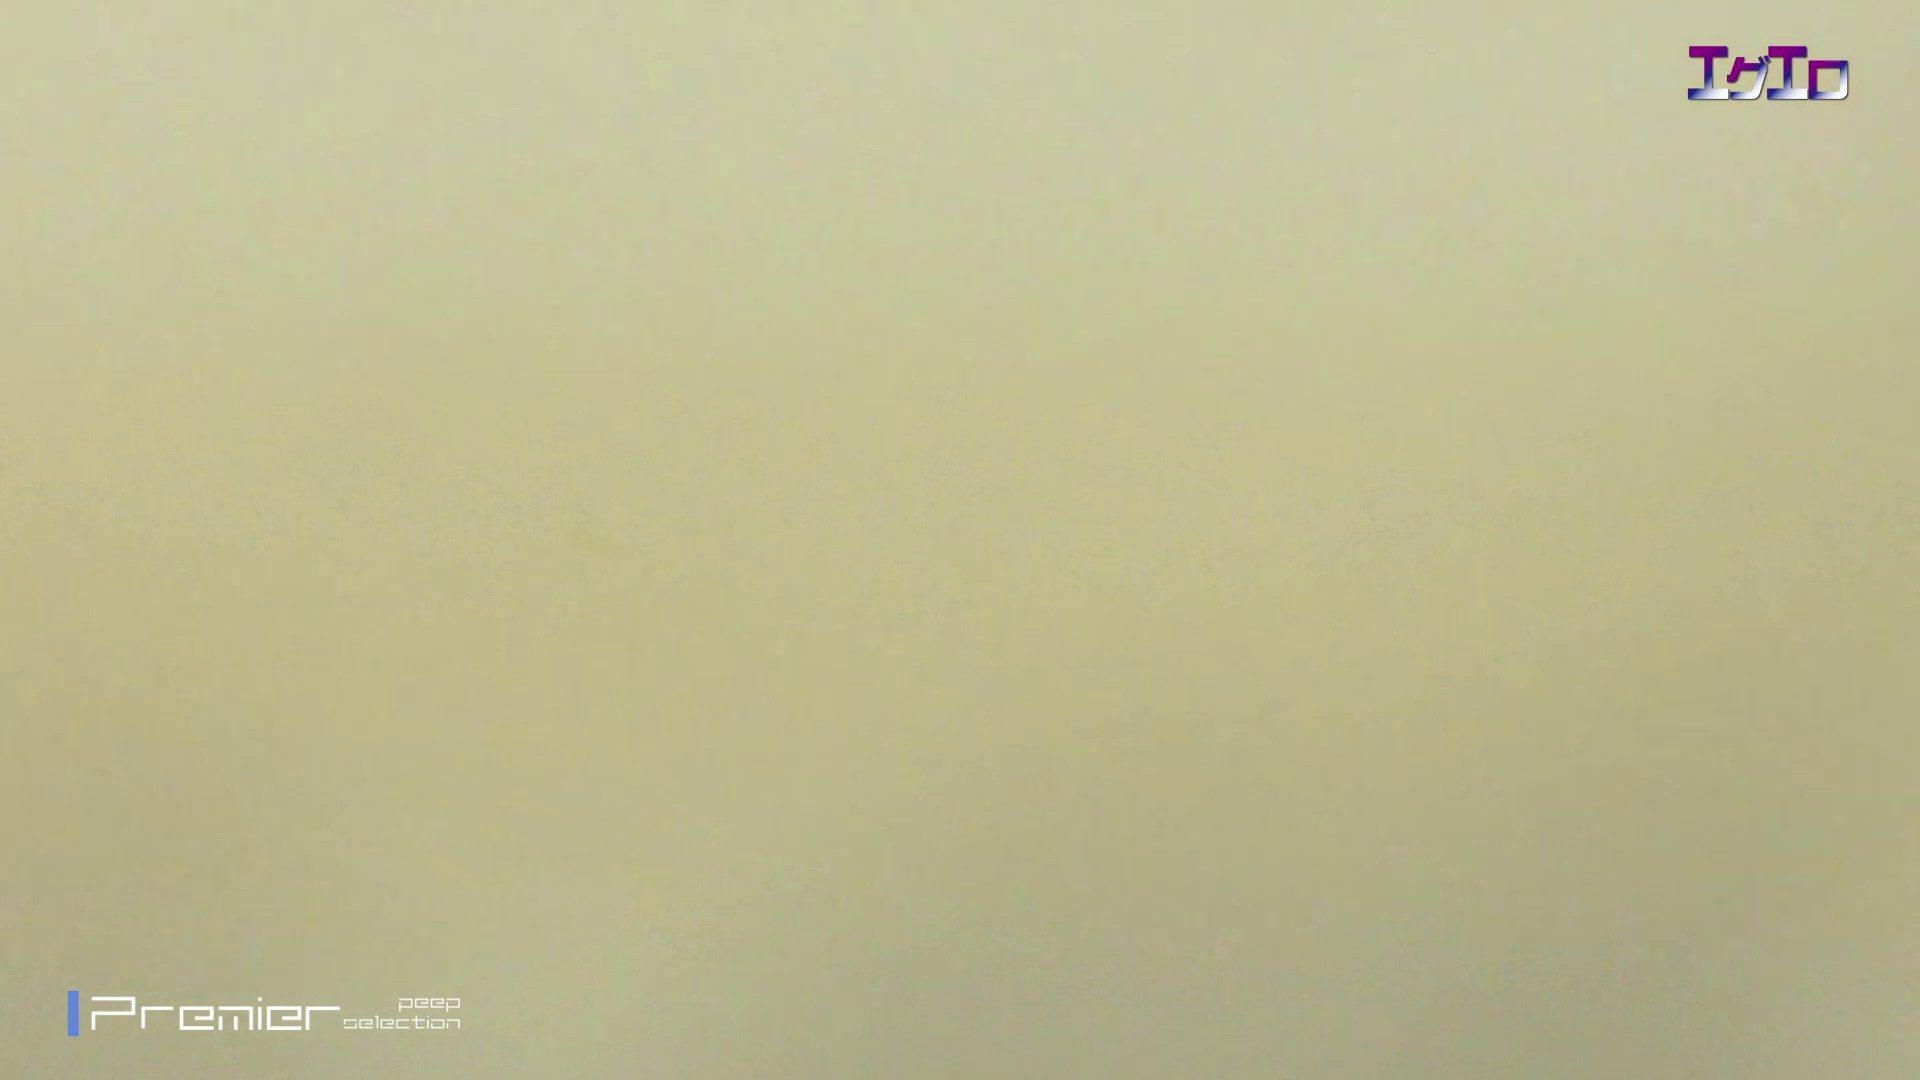 執念の撮影&追撮!!某女子校の通学路にあるトイレ 至近距離洗面所 Vol.16 トイレ  82pic 58